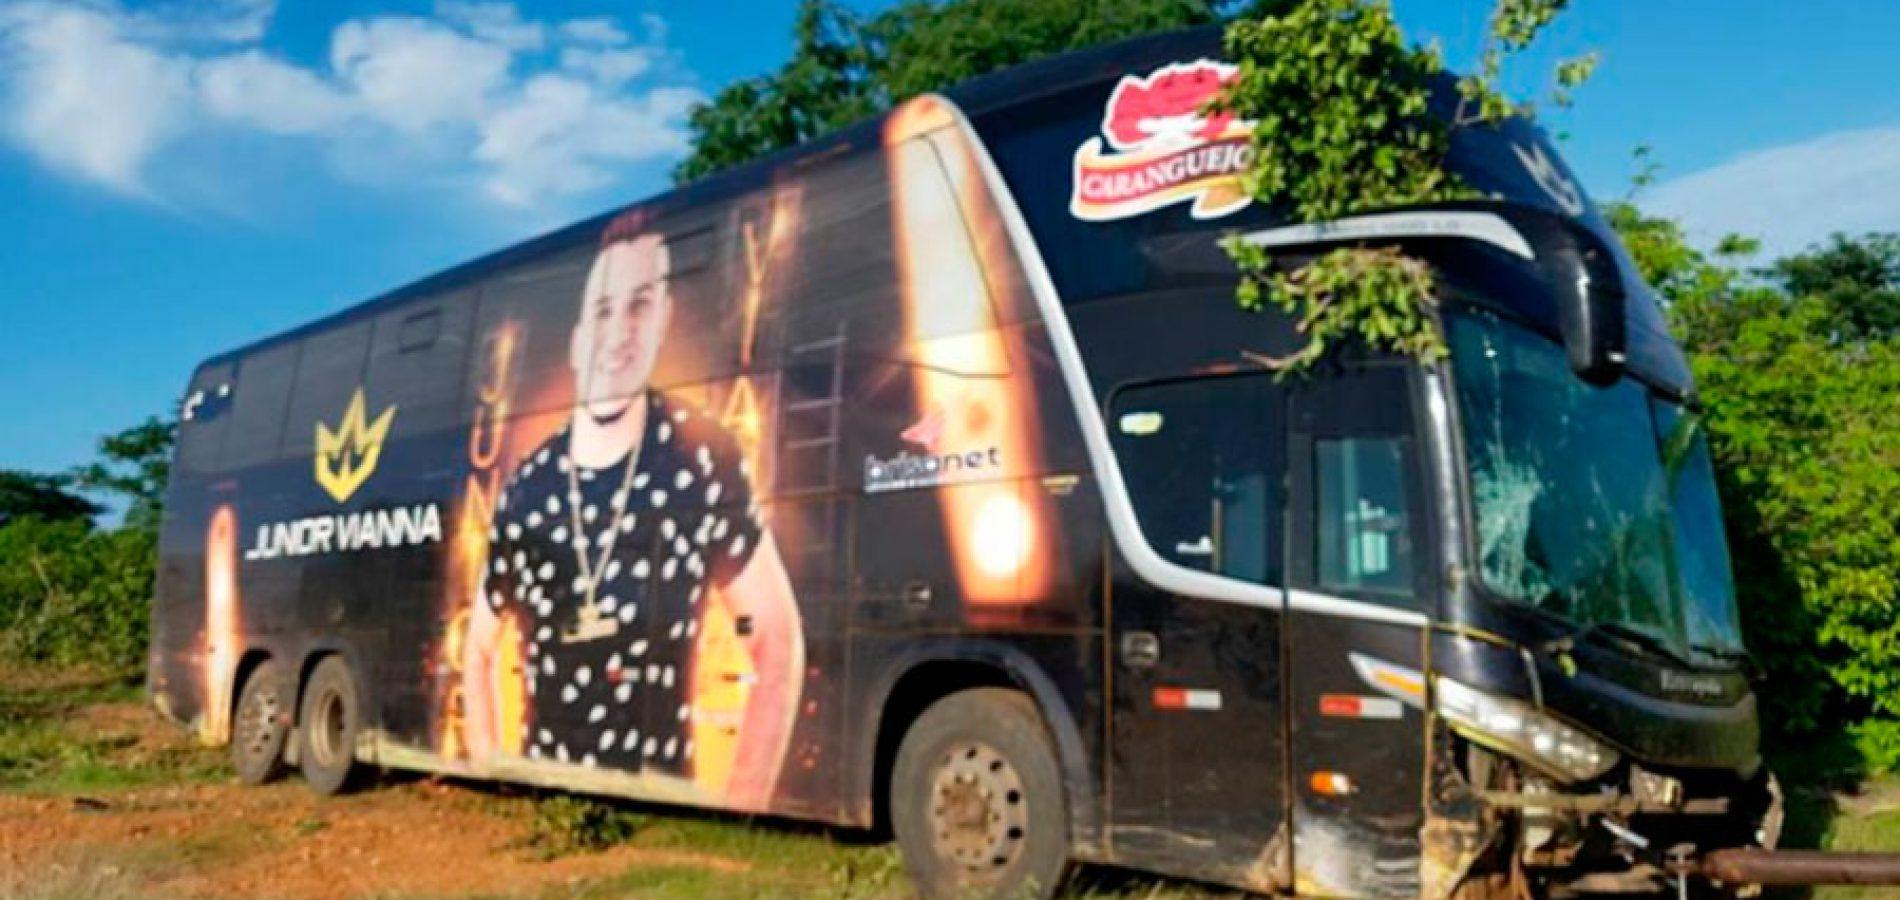 Ônibus do cantor Junior Vianna se envolve em acidente na BR-116; veja o vídeo